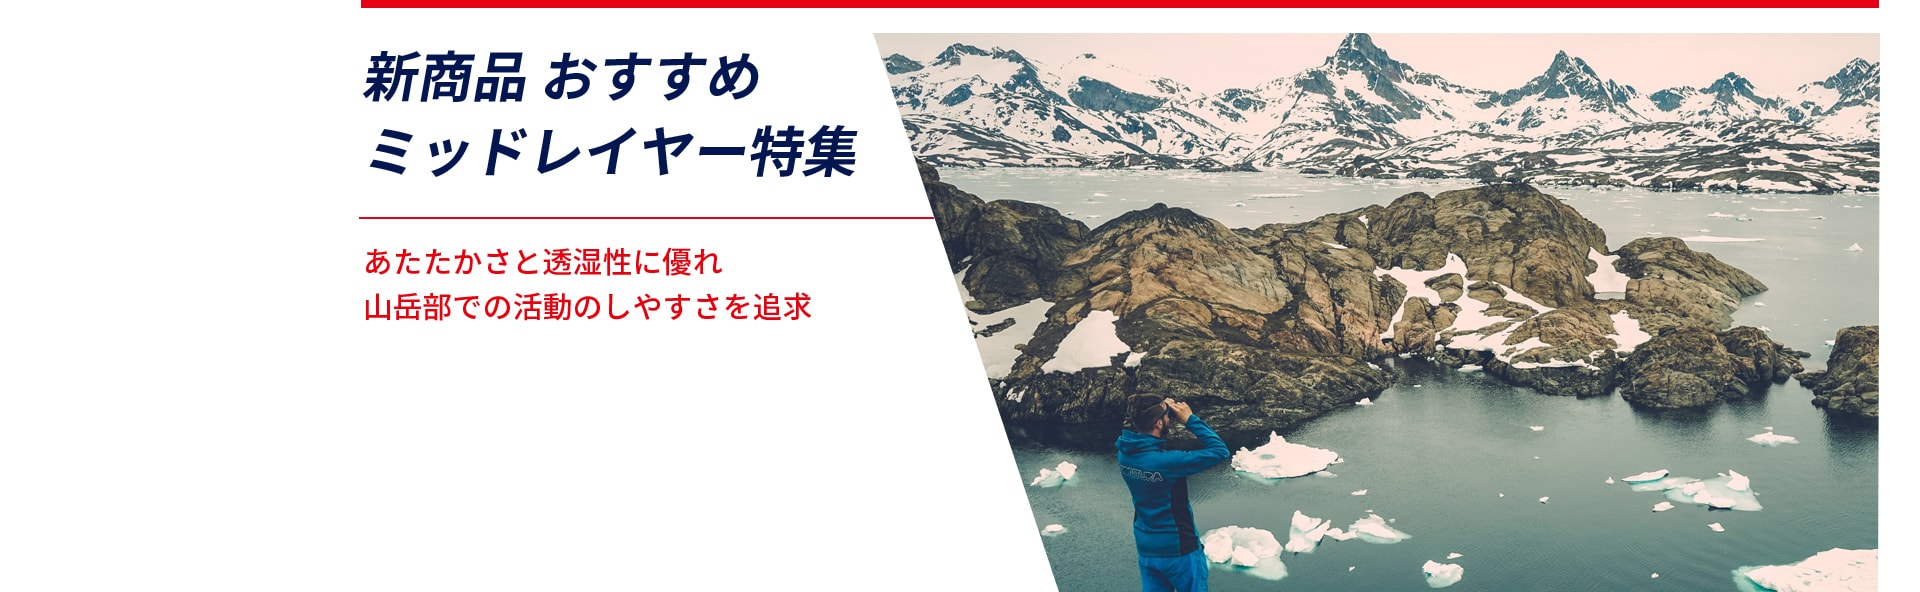 新商品 おすすめ ミッドレイヤー特集 あたたかさと透湿性に優れ山岳部での活動のしやすさを追求